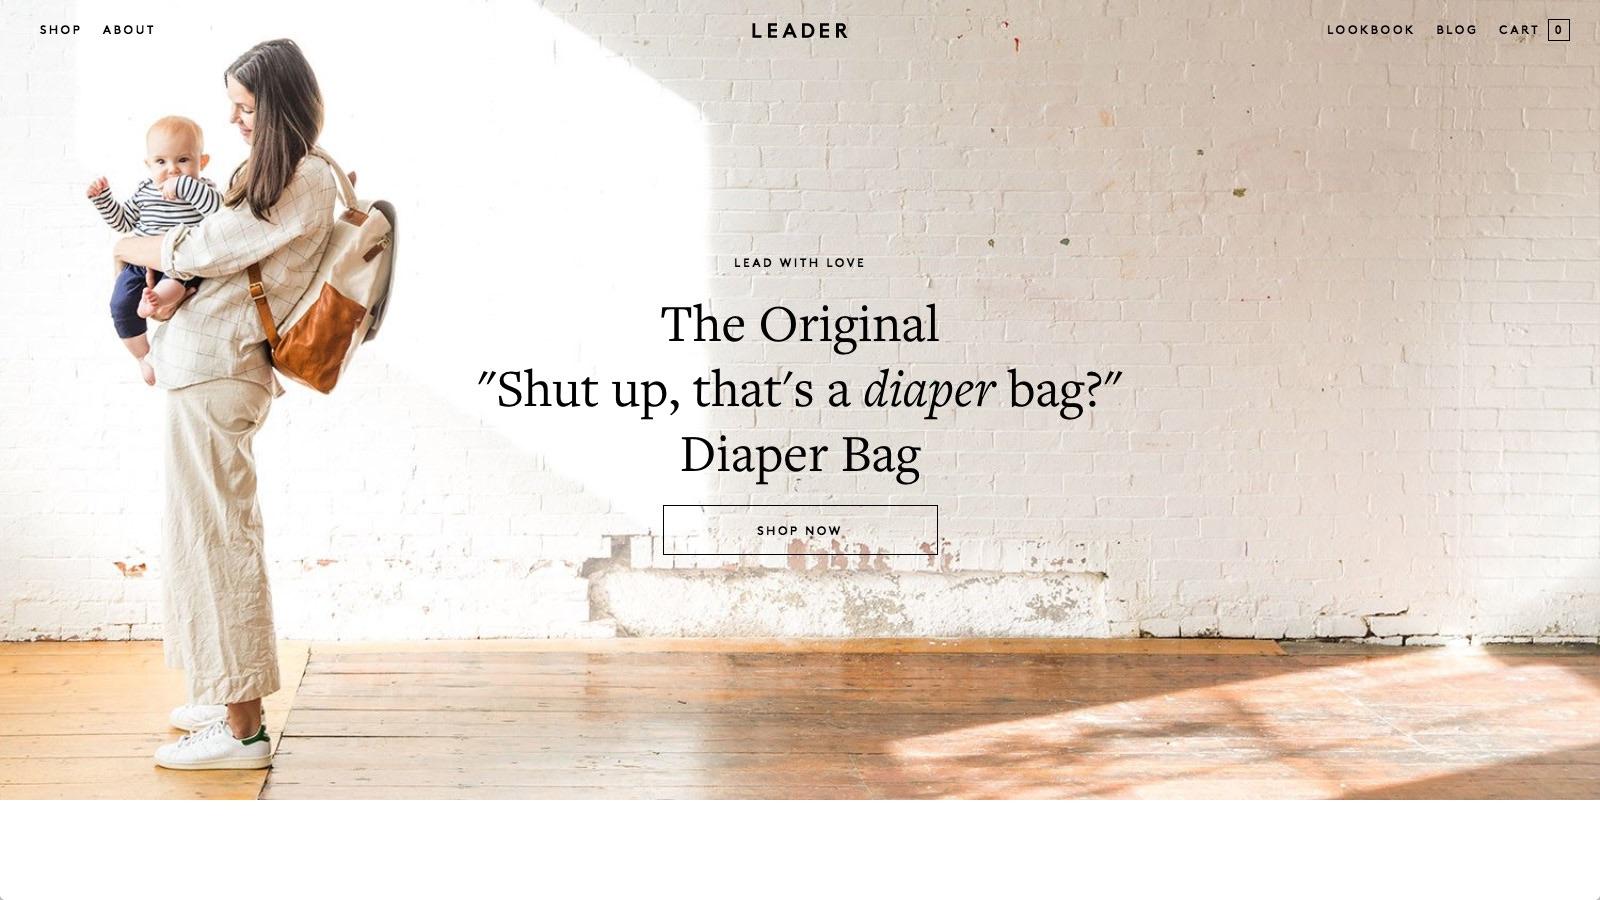 Leader Bag Co